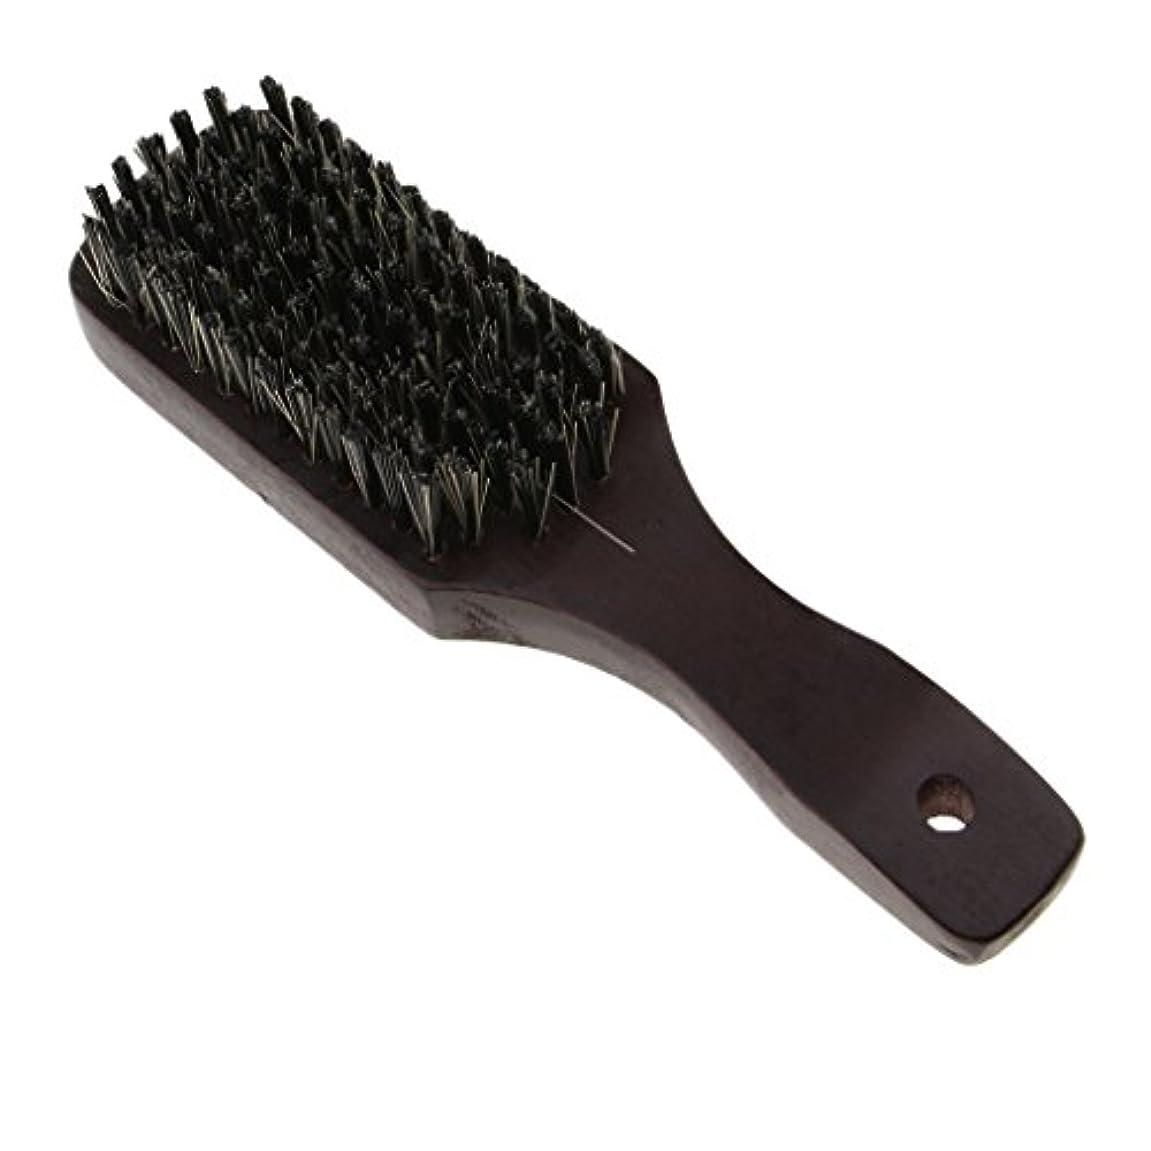 囲い馬鹿粘液ヘアブラシ 髪の櫛 木製 サロン バリバー アフロ ヘアピック ブラシ 櫛